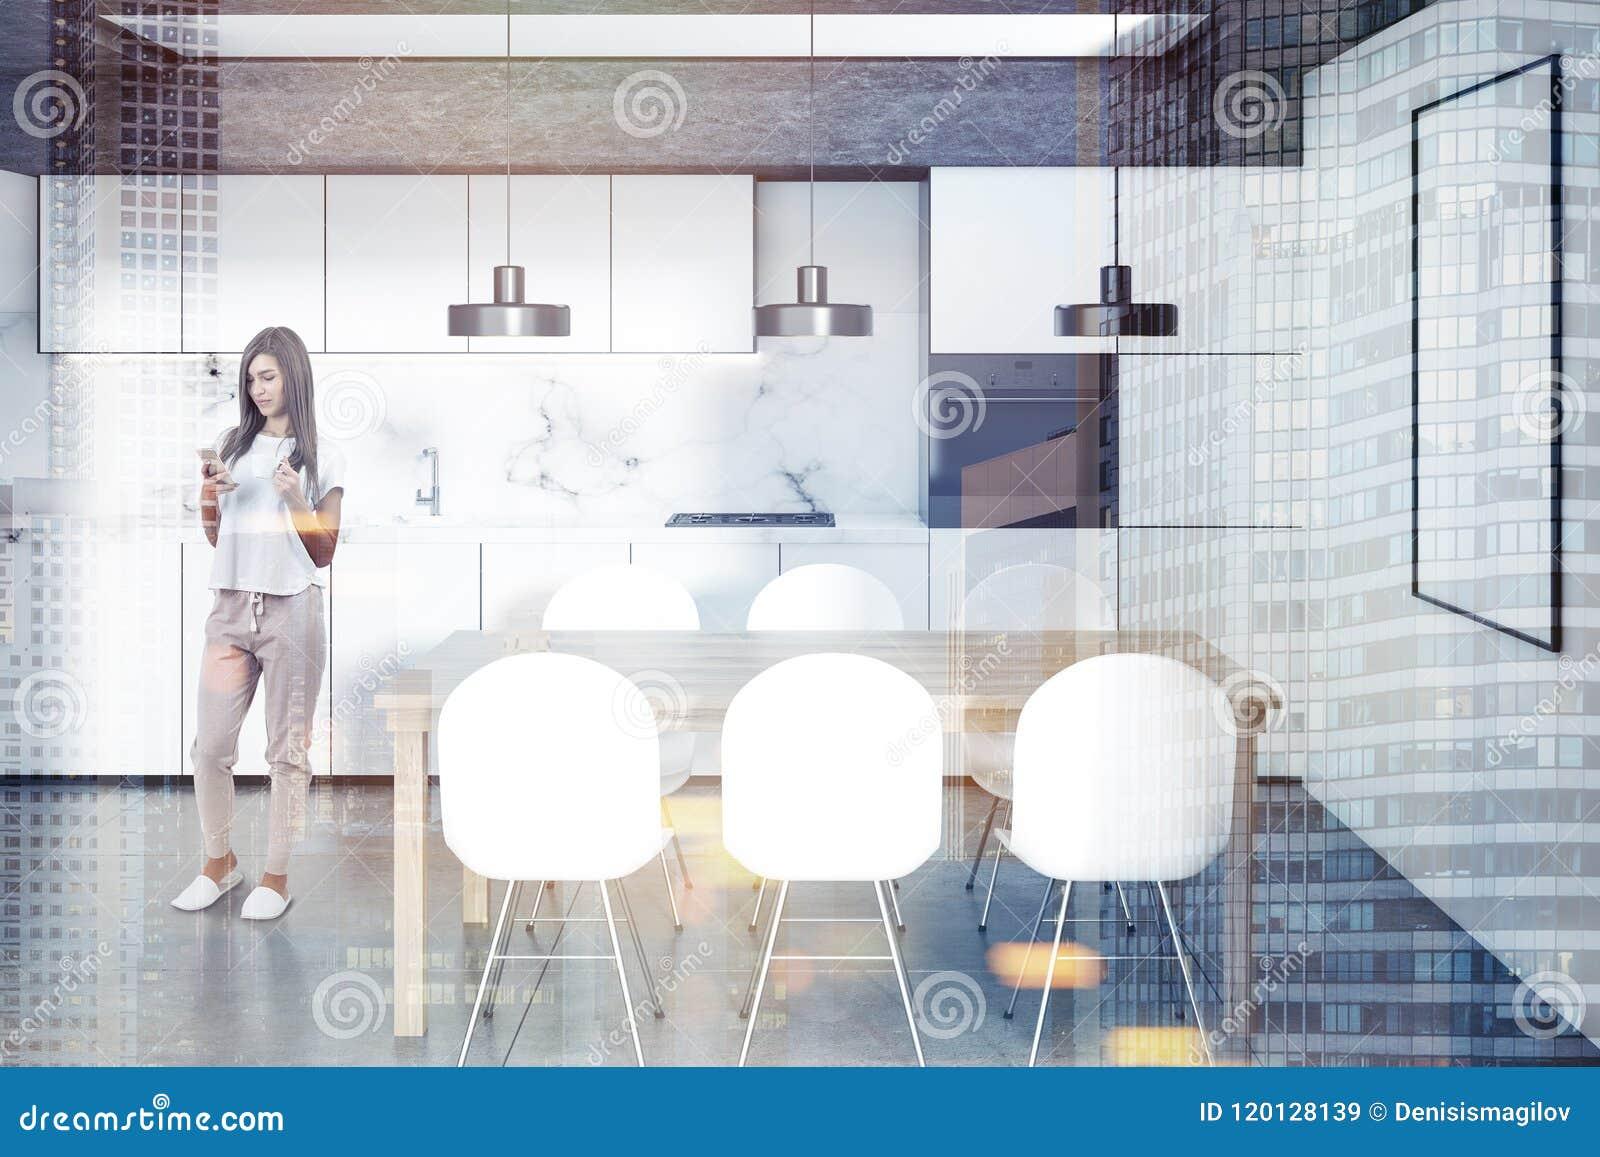 Vitt kök, trätabell, affisch, kvinna